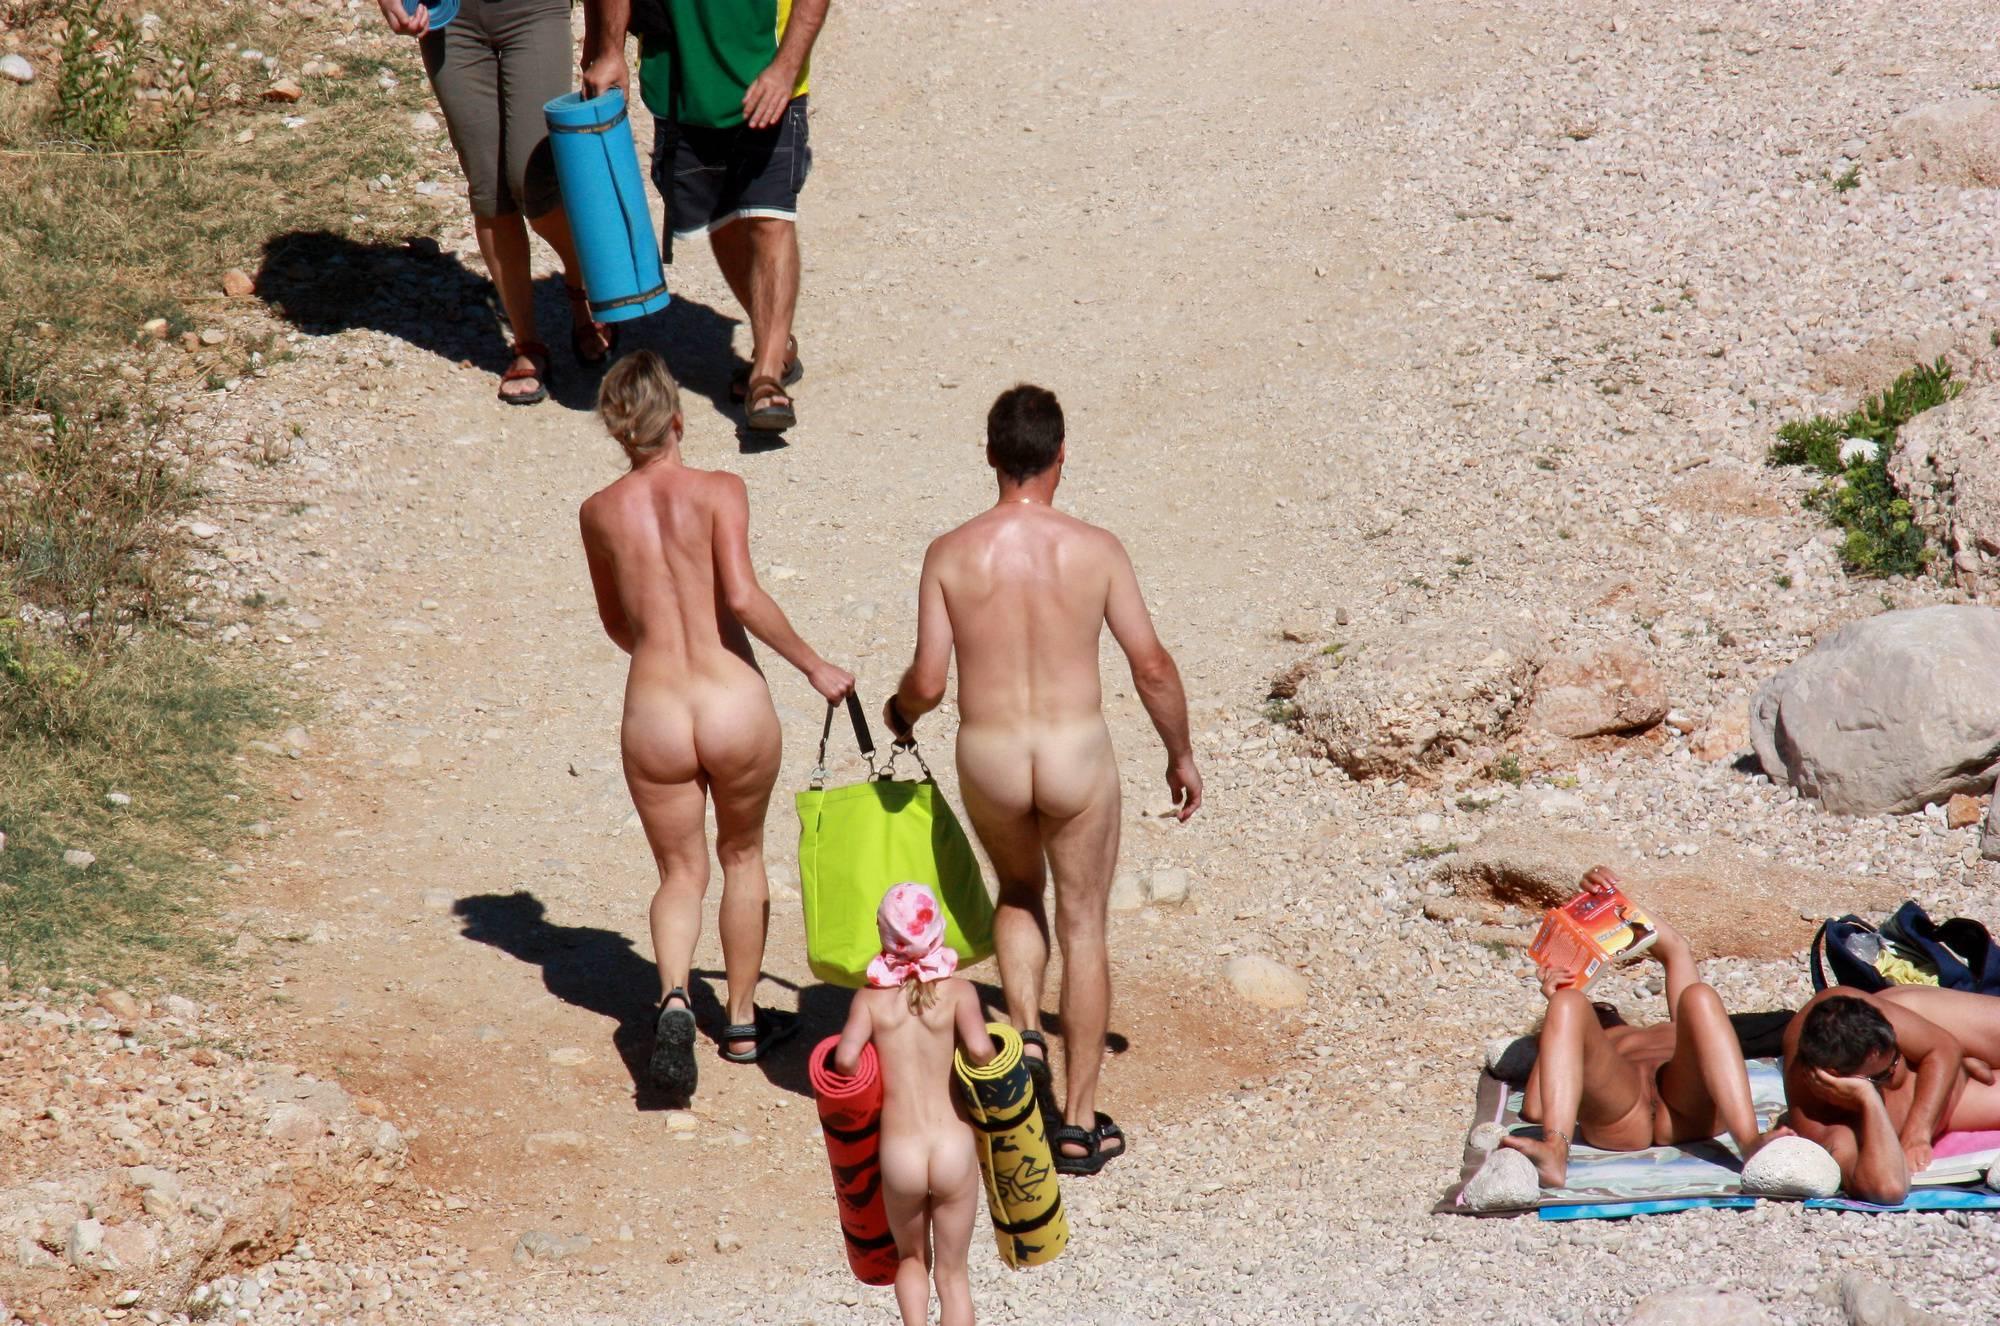 Nudist Pics Nudist Family Deportation - 2